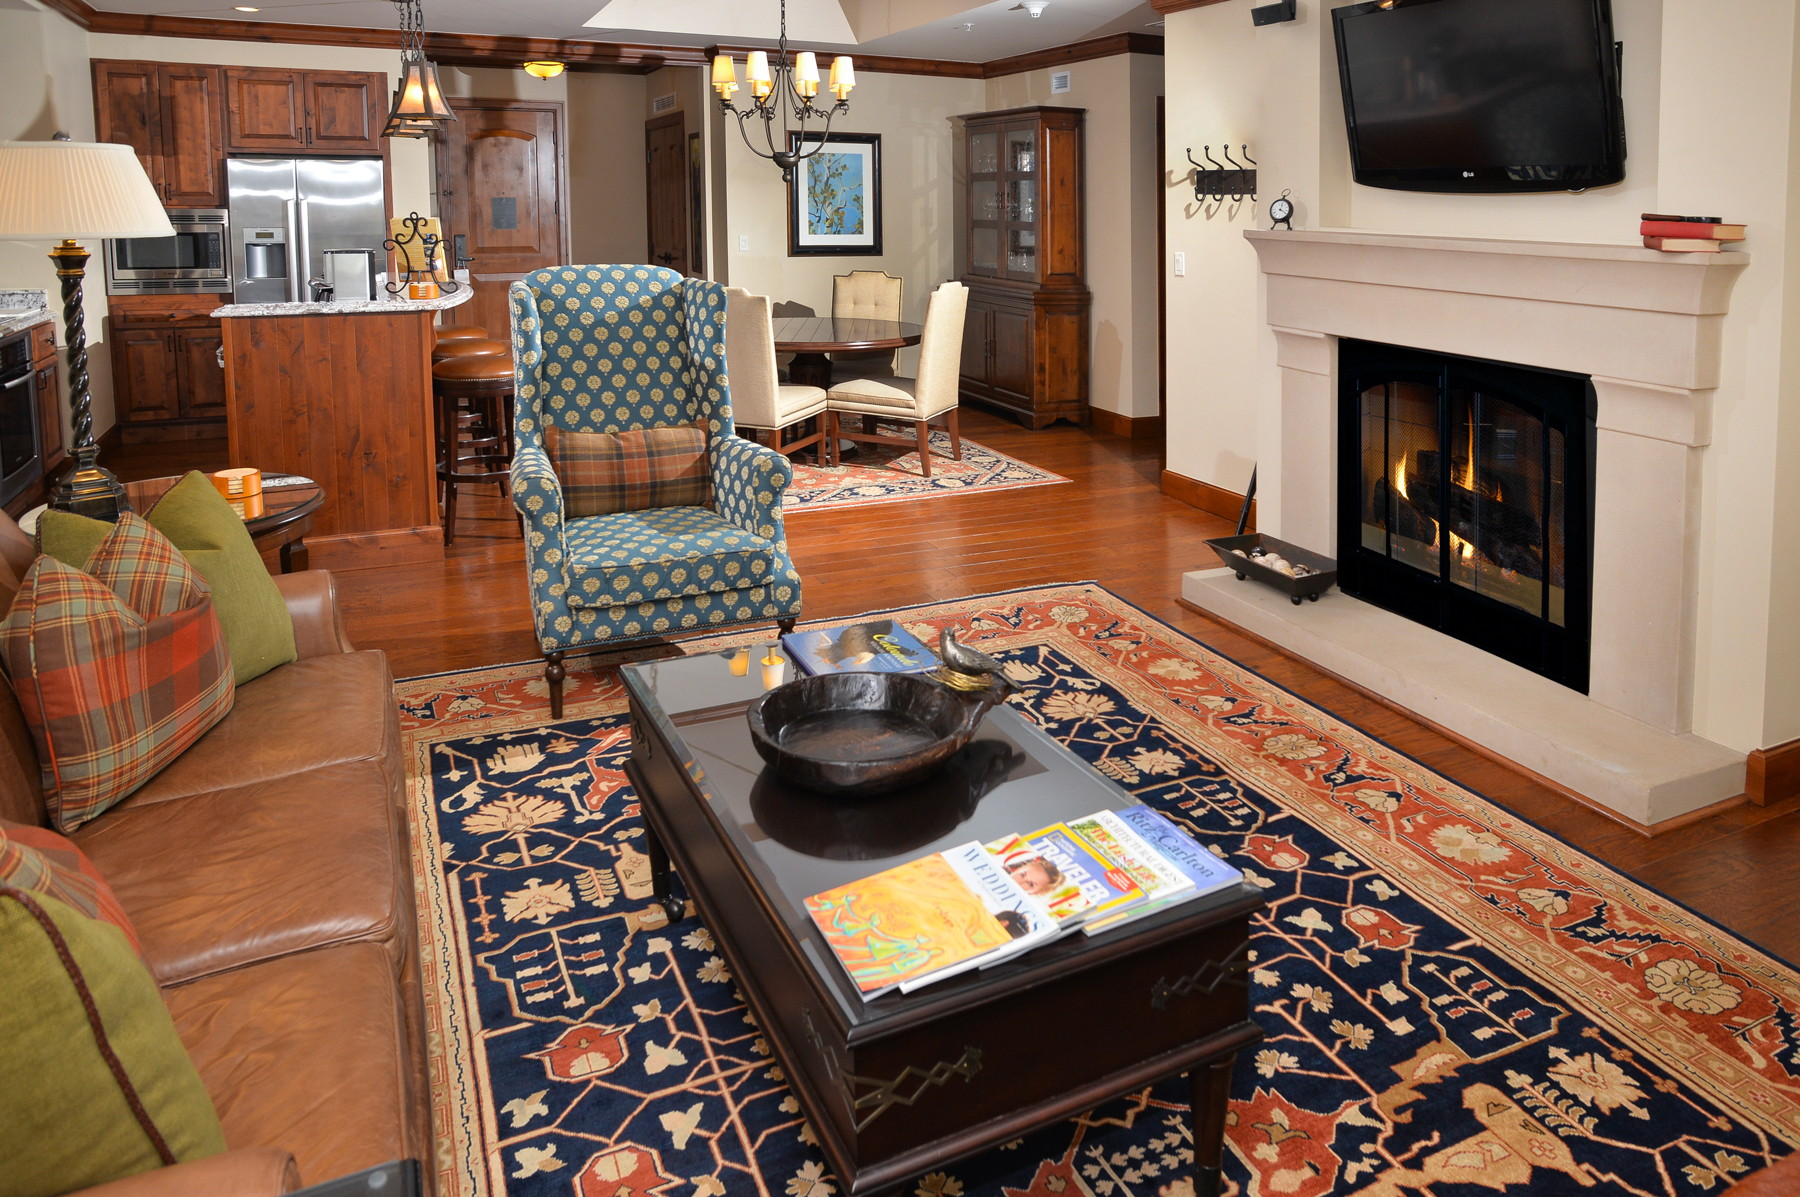 Долевое владение для того Продажа на Ritz-Carlton #418 728 W Lionshead Cir 418 Vail, Колорадо, 81657 Соединенные Штаты